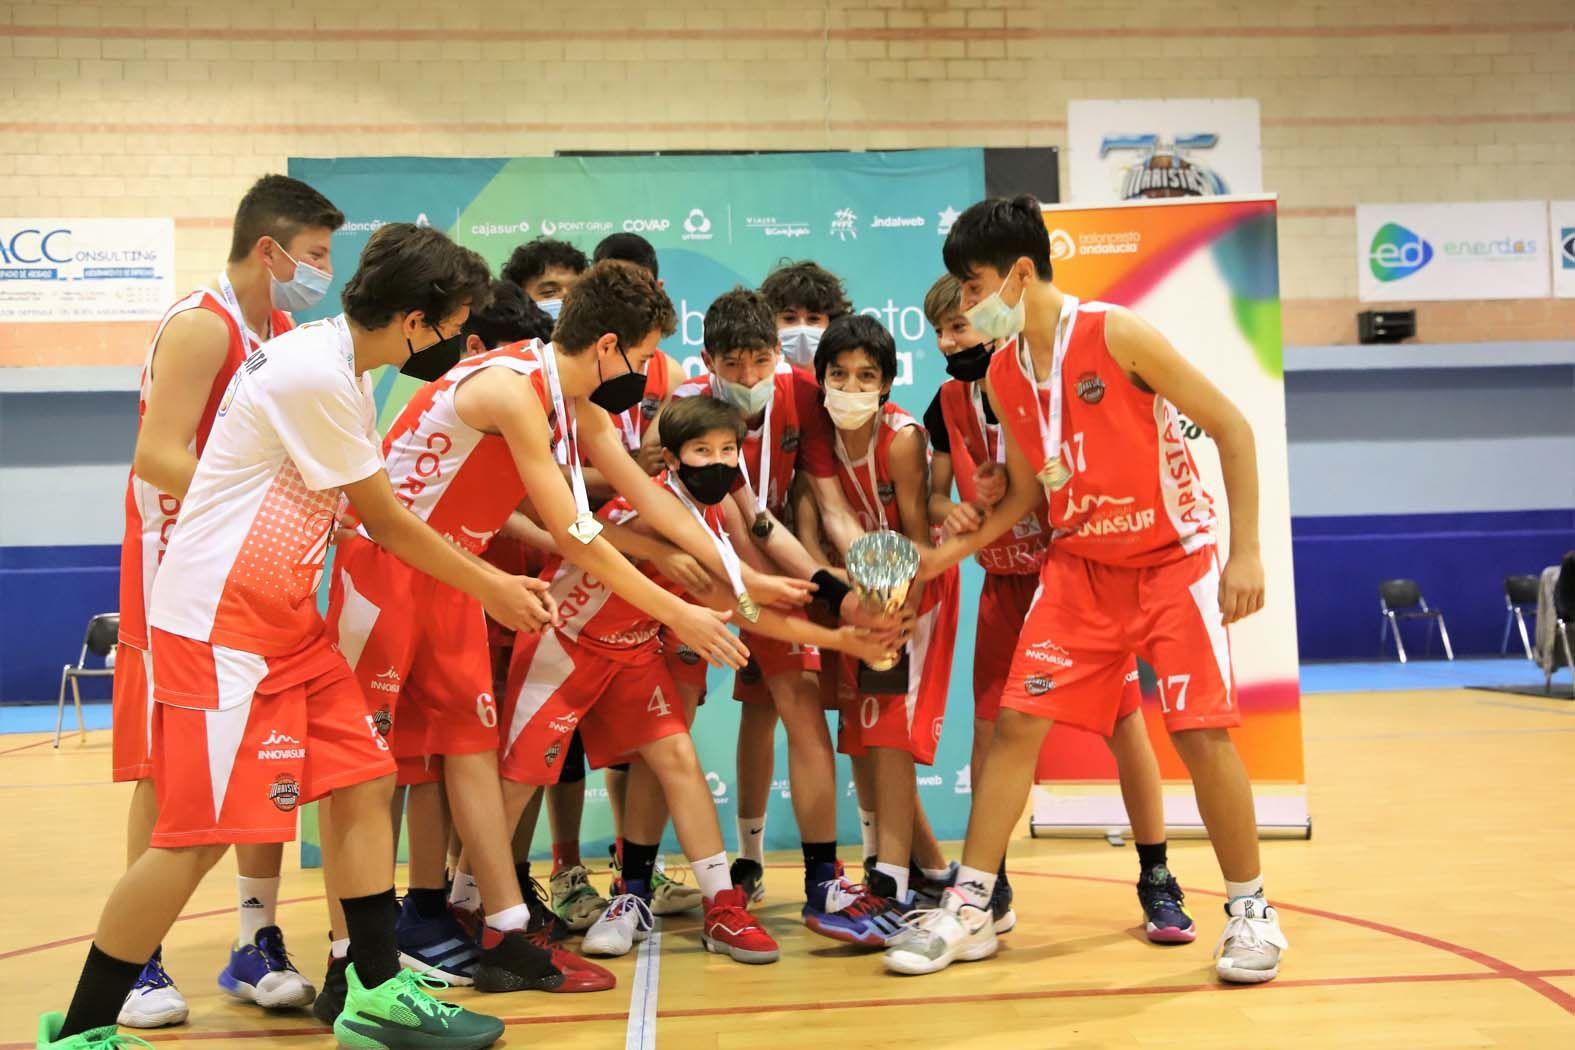 Maristas-Cordobasket final por el título provincial infantil masculino de baloncesto